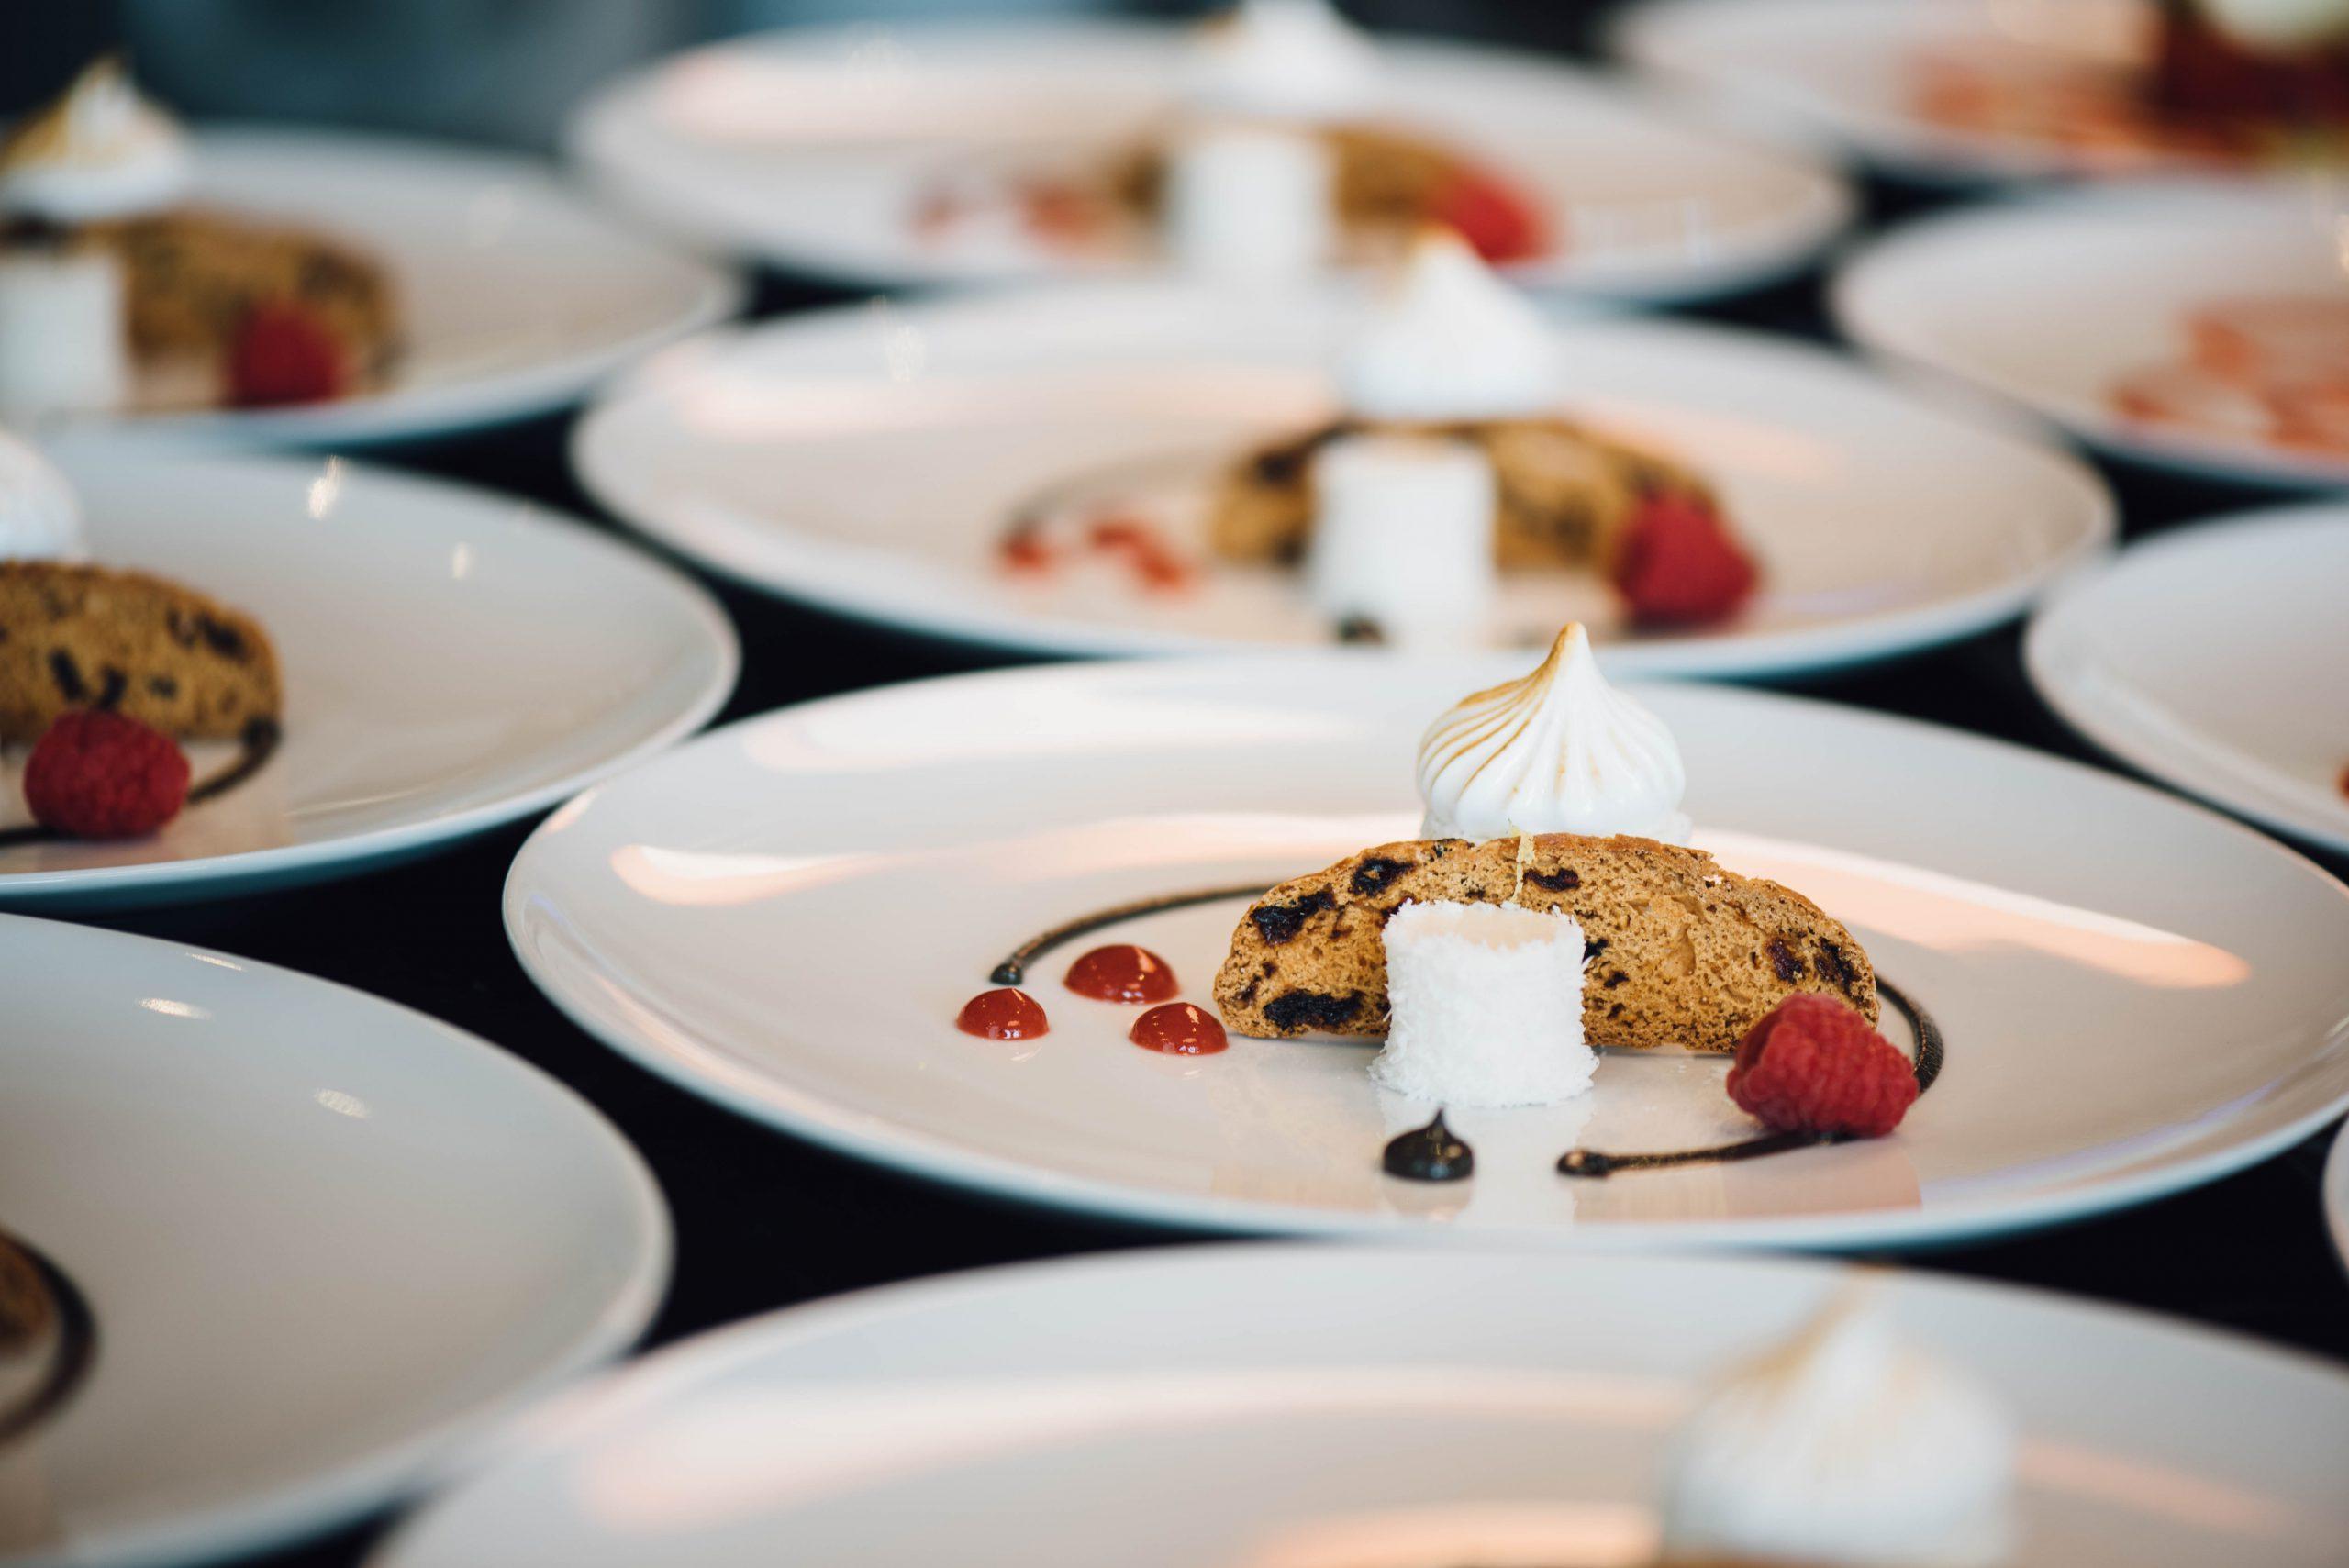 Laat je smaakpapillen tintelen: drie-sterren restaurants in Nederland